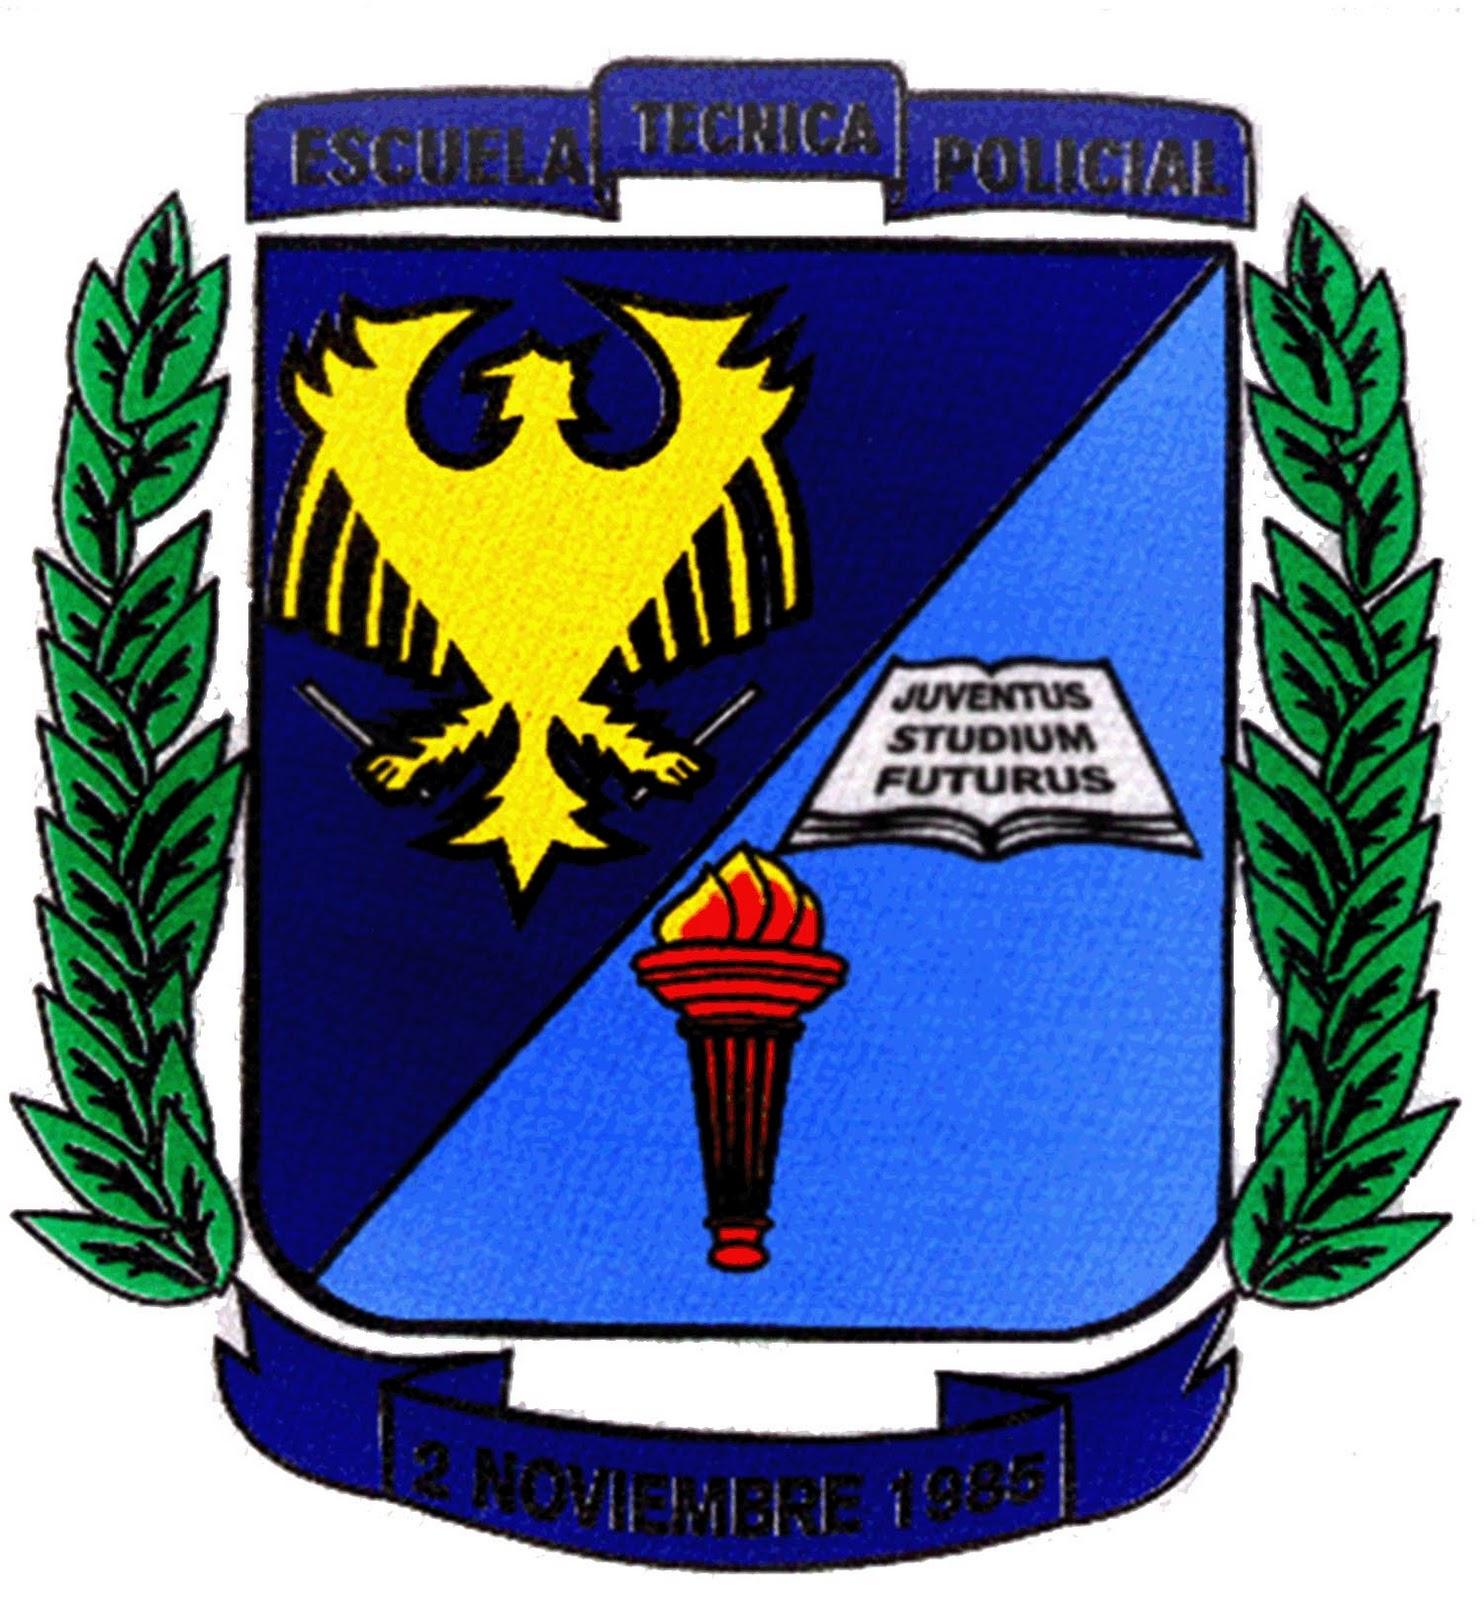 escuela policial: